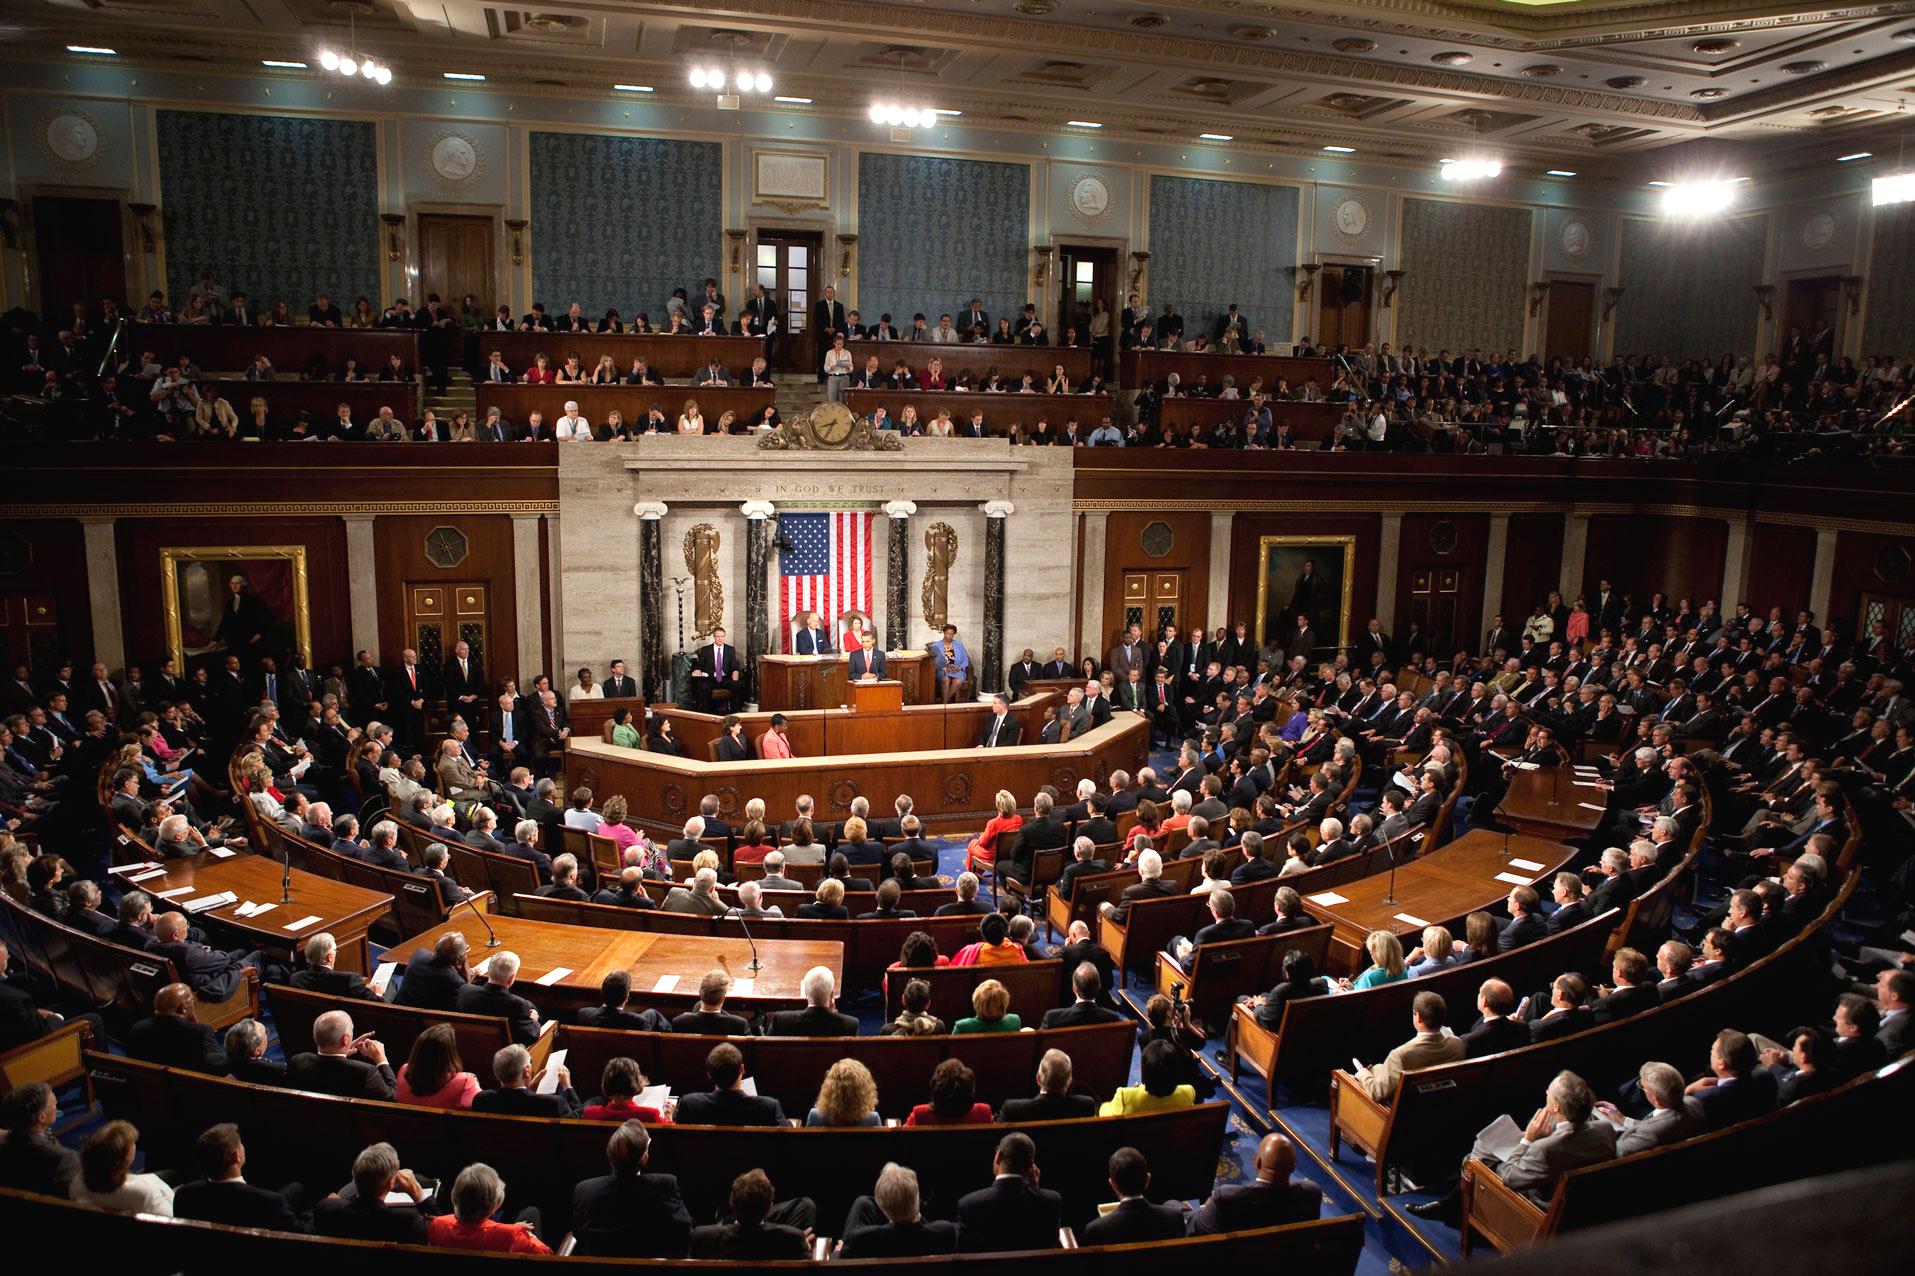 Конгрес США схвалив законопроект, що дозволяє провайдерам торгувати даними користувачів